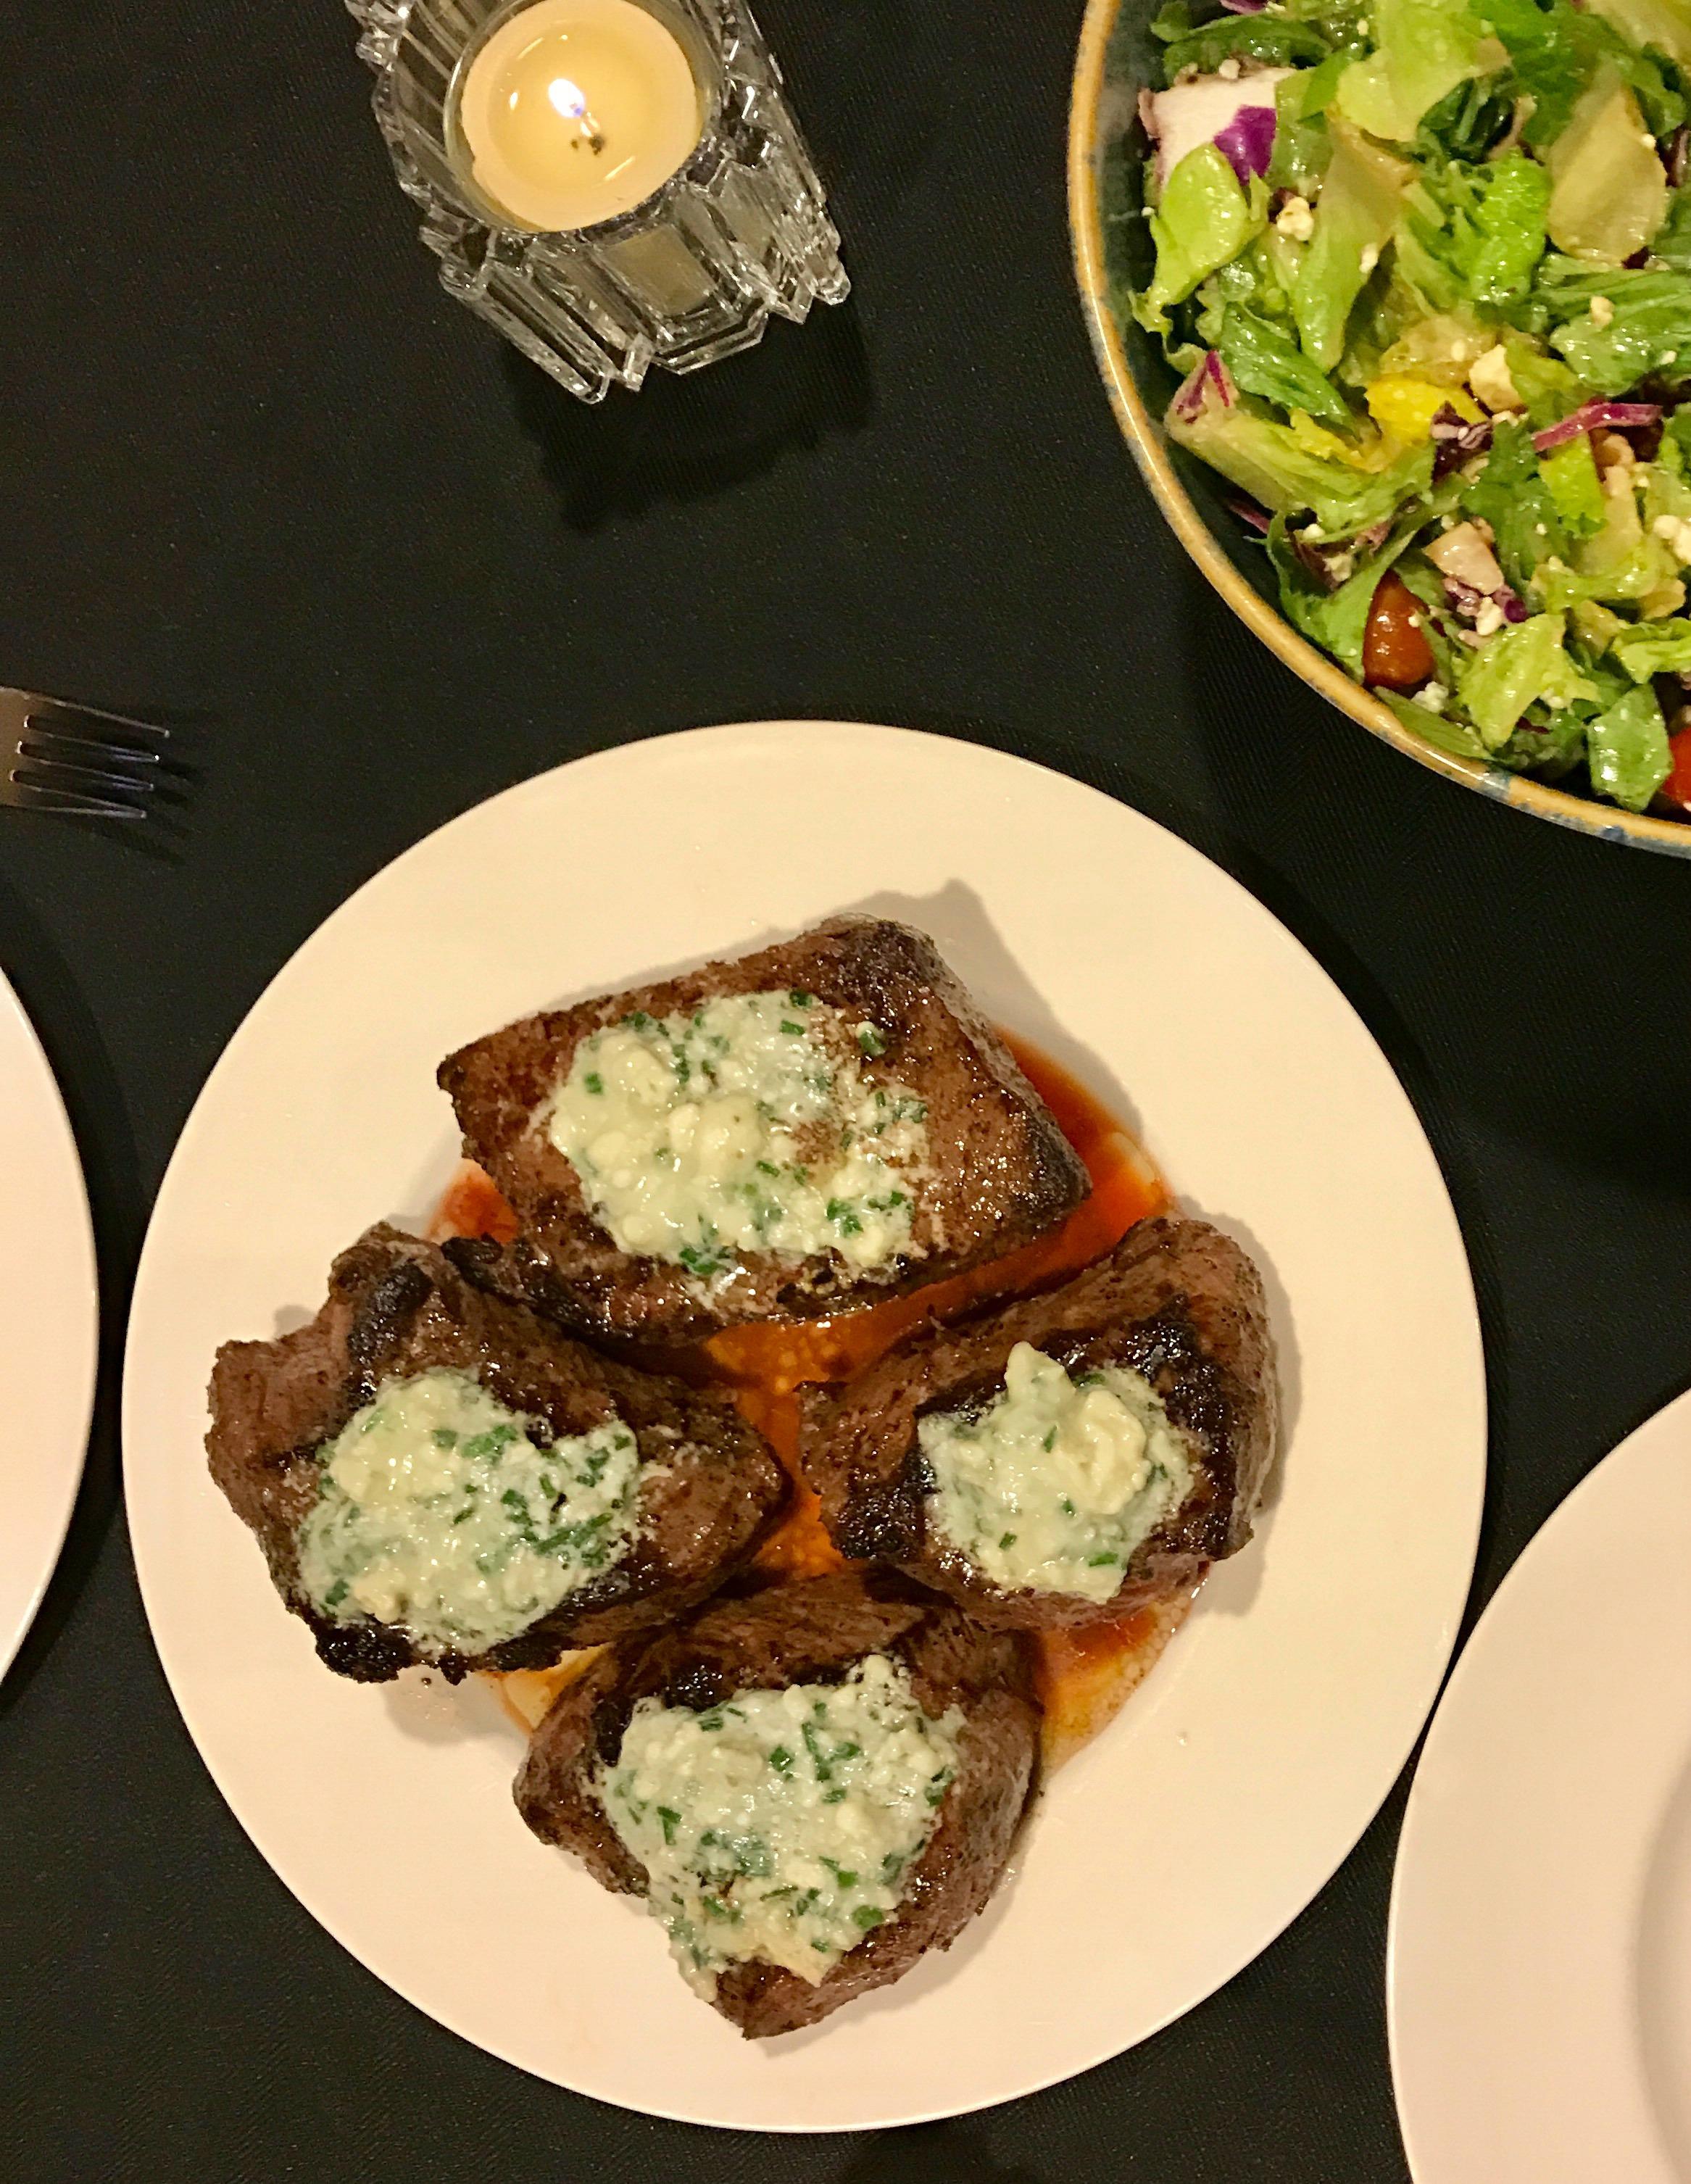 Blue-Cheese-Sirloin plate